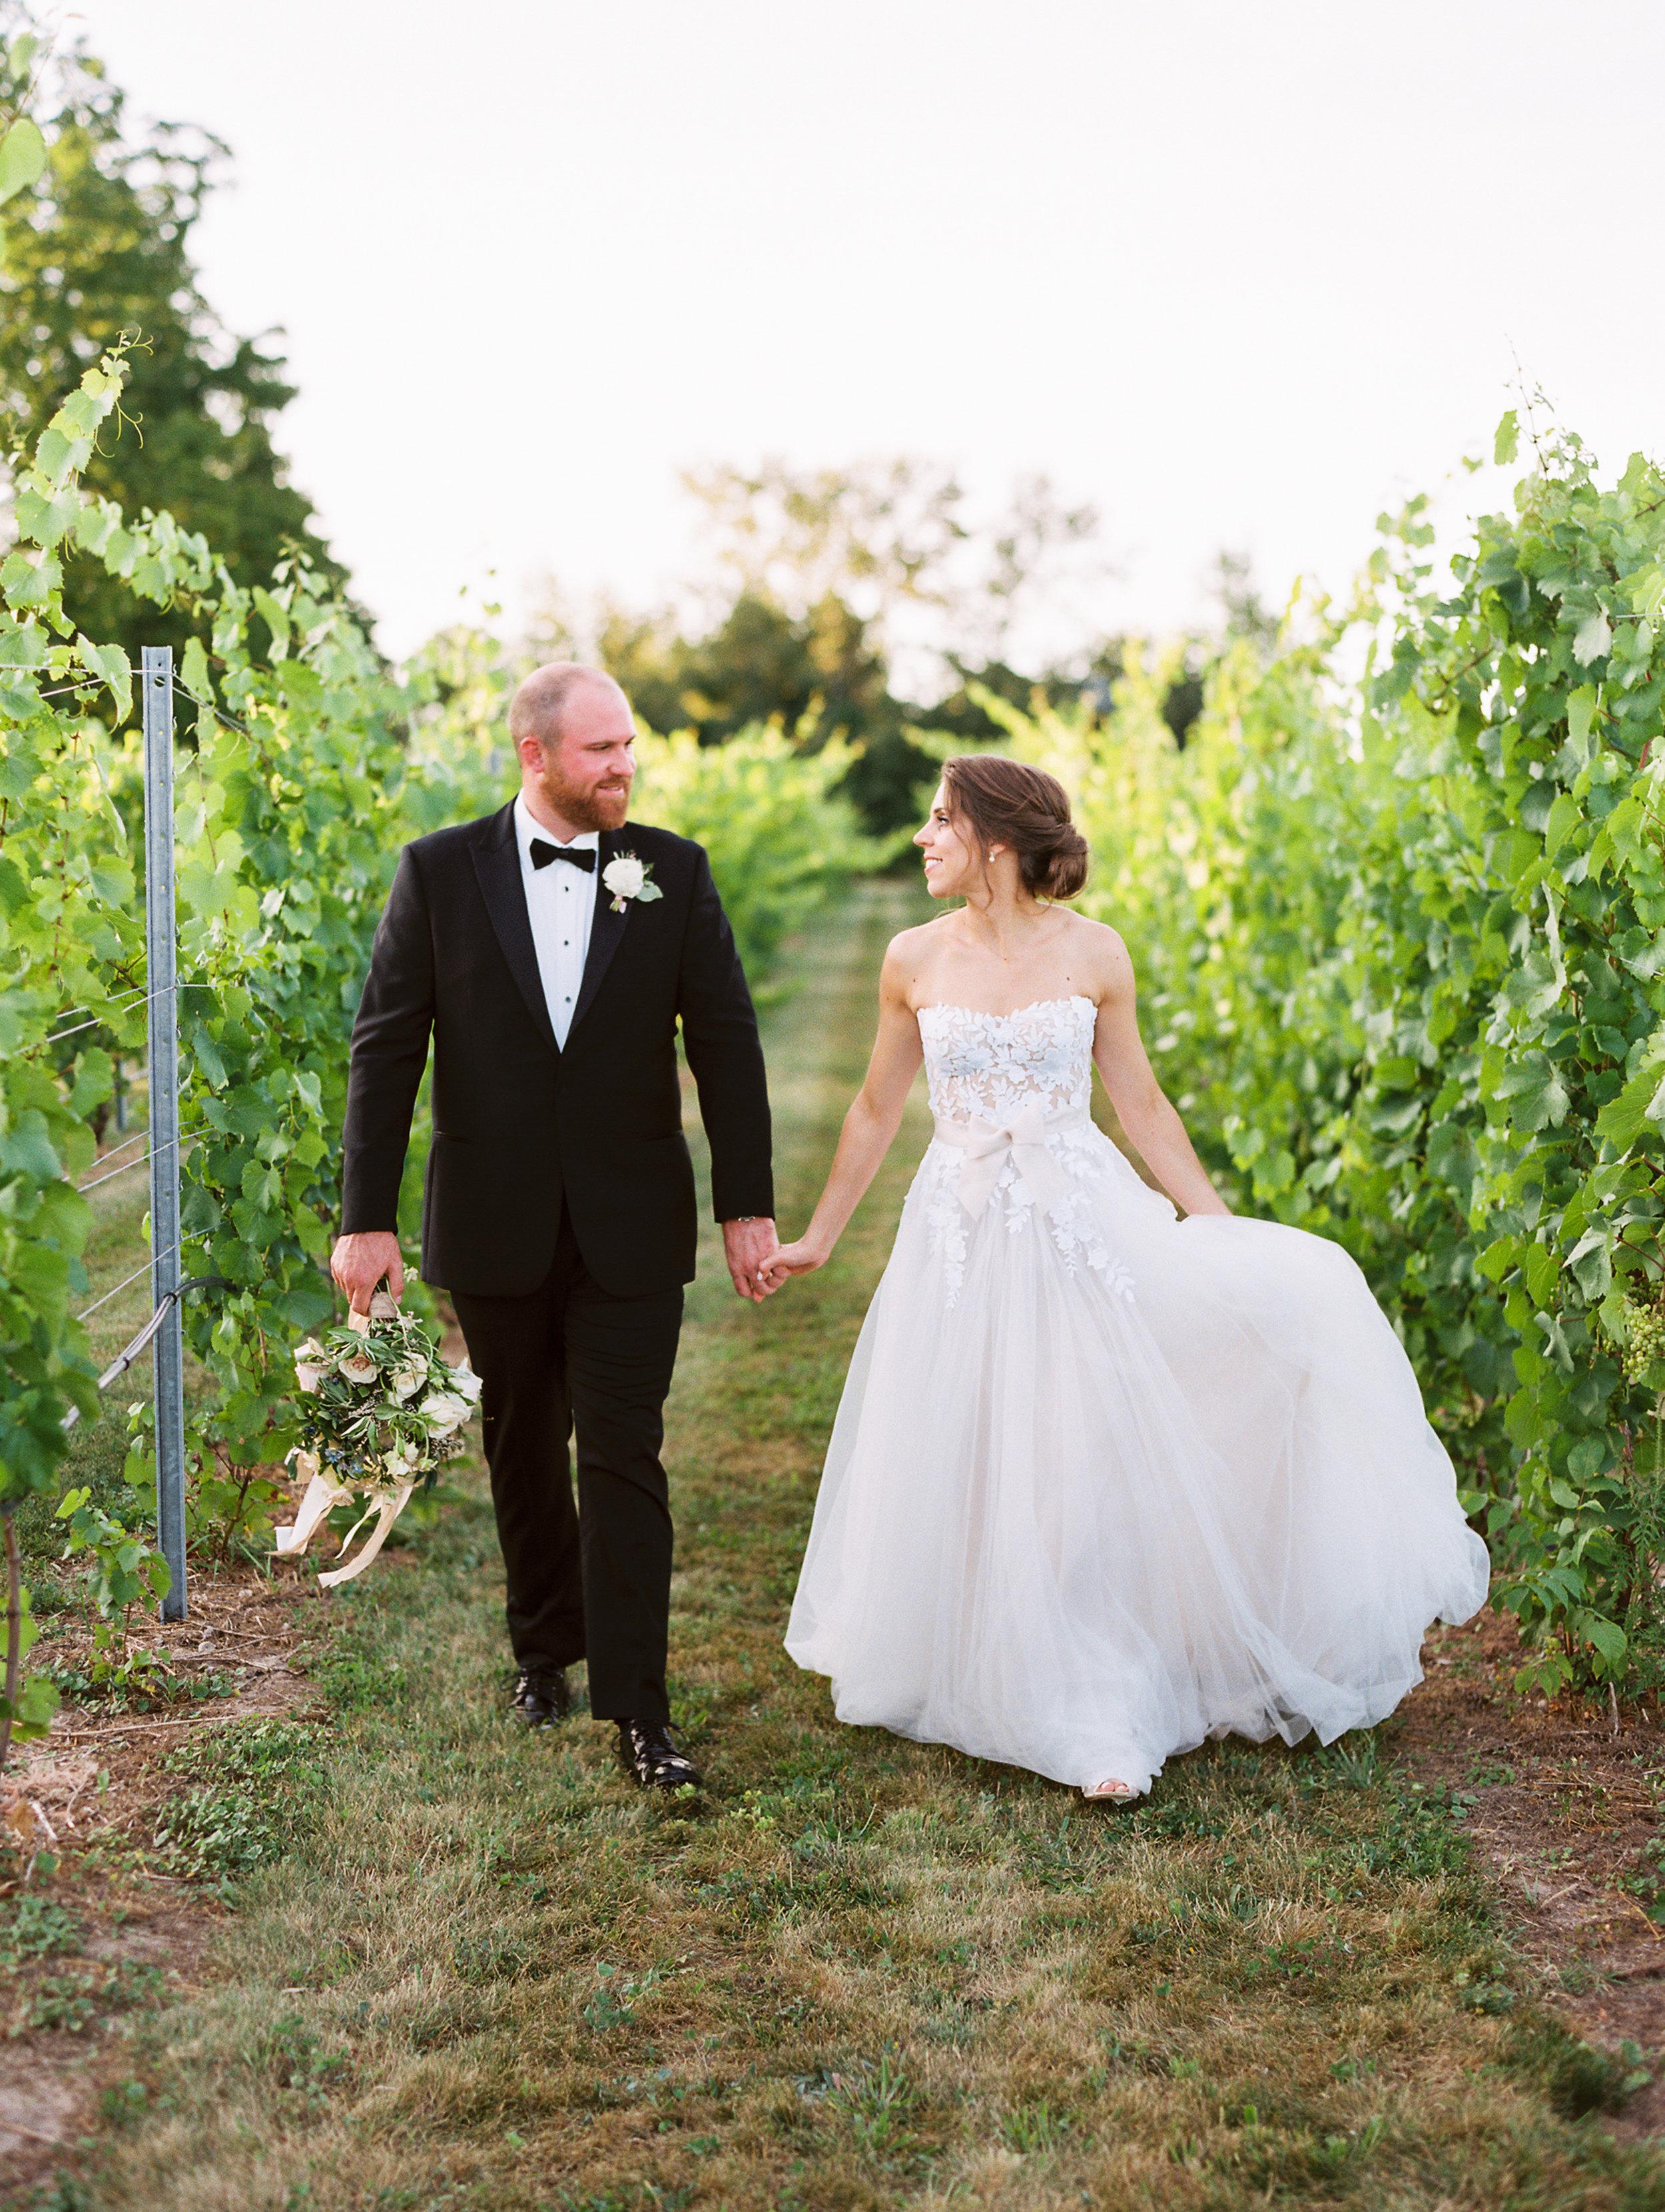 Steinlage+Wedding+Reception+Bride+Groom-71.jpg